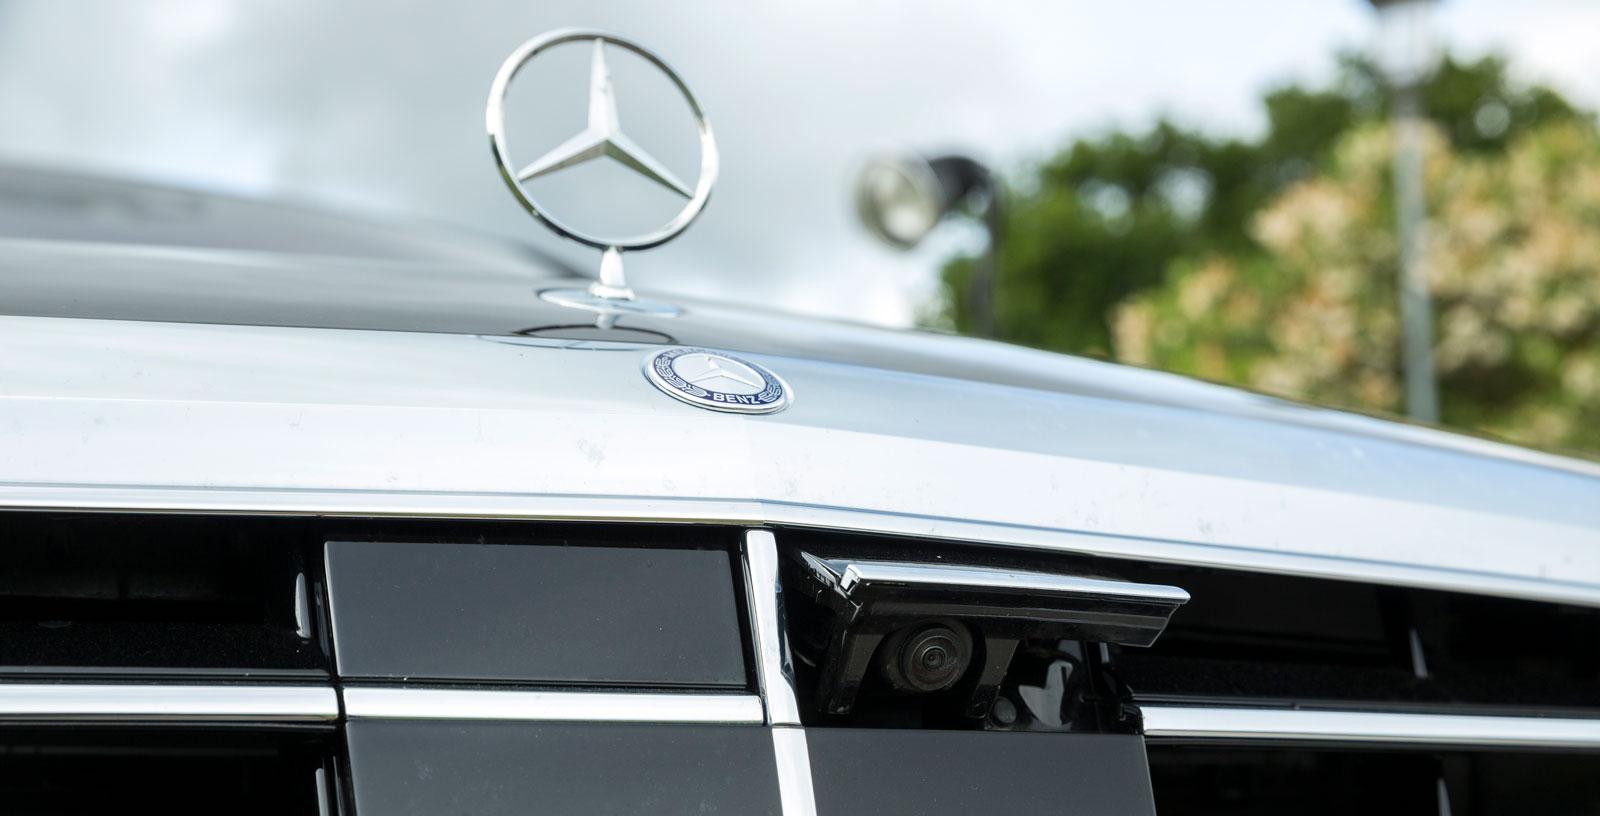 Den främre parkeringskameran är dold bakom Mercedes-grillen och fälls ut vid behov.